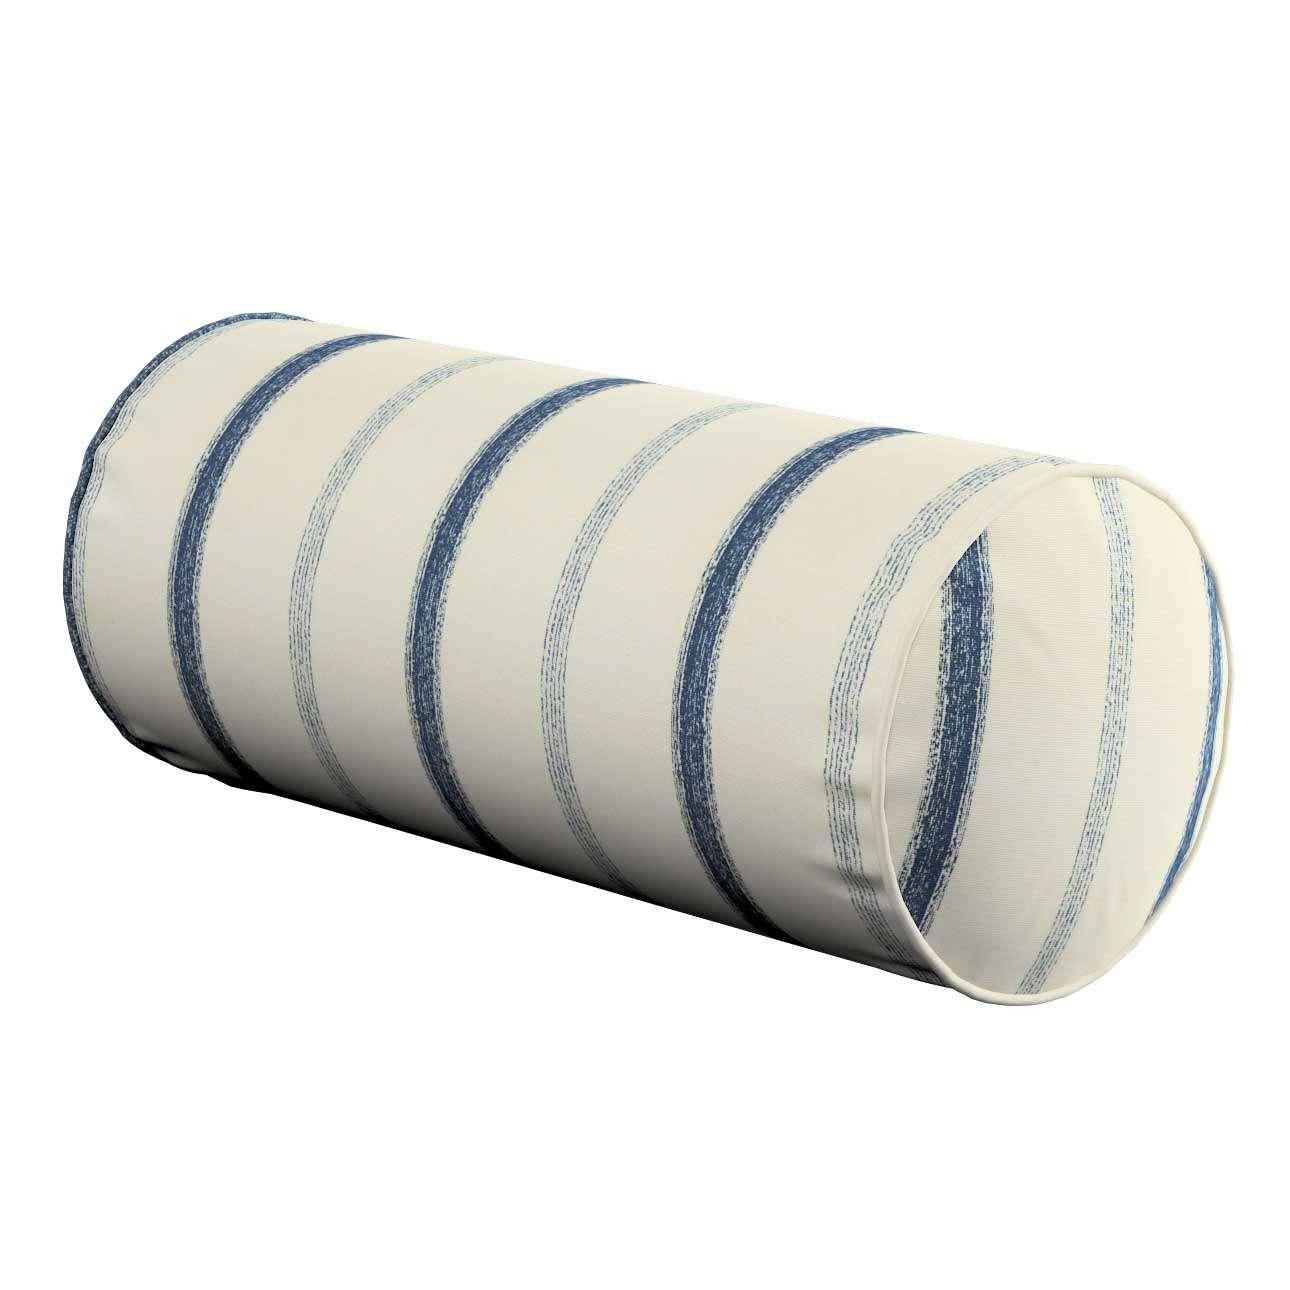 Poduszka wałek prosty Ø16x40cm w kolekcji Avinon, tkanina: 129-66